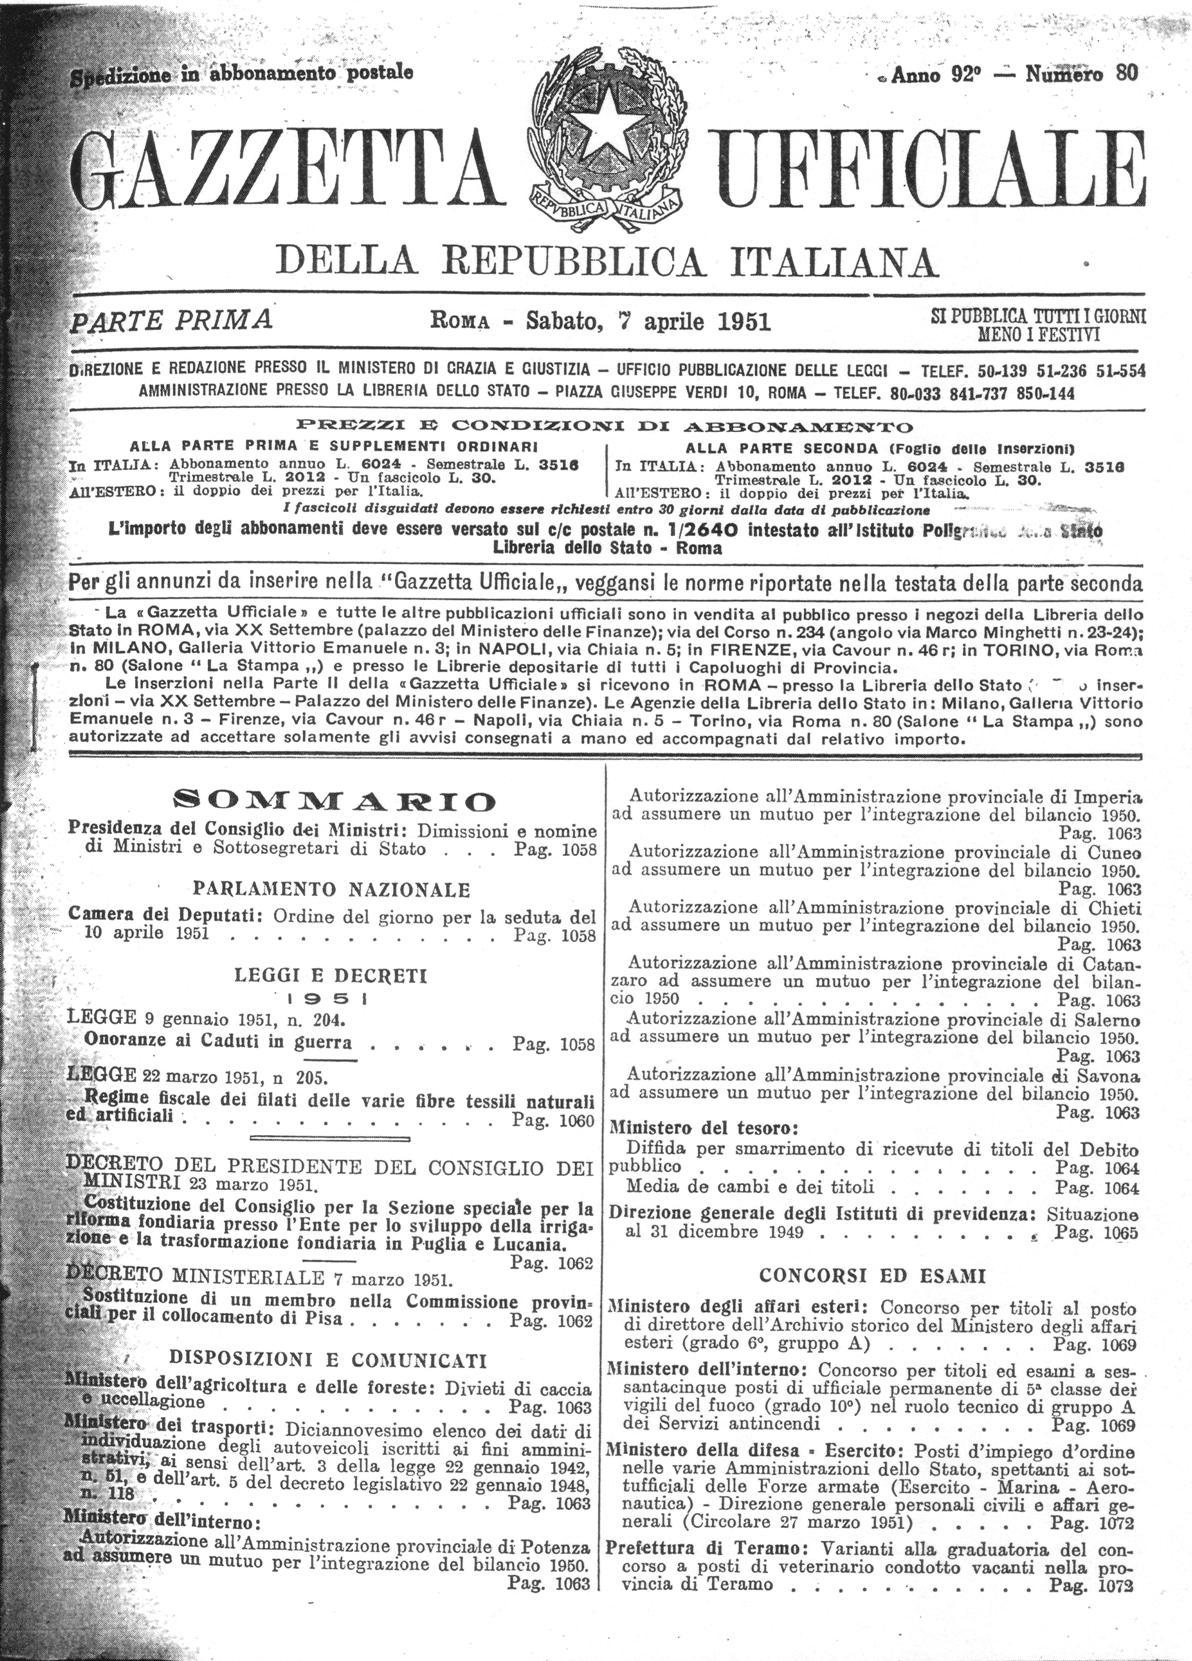 Gazzetta ufficiale della repubblica italiana wikipedia for Struttura politica italiana